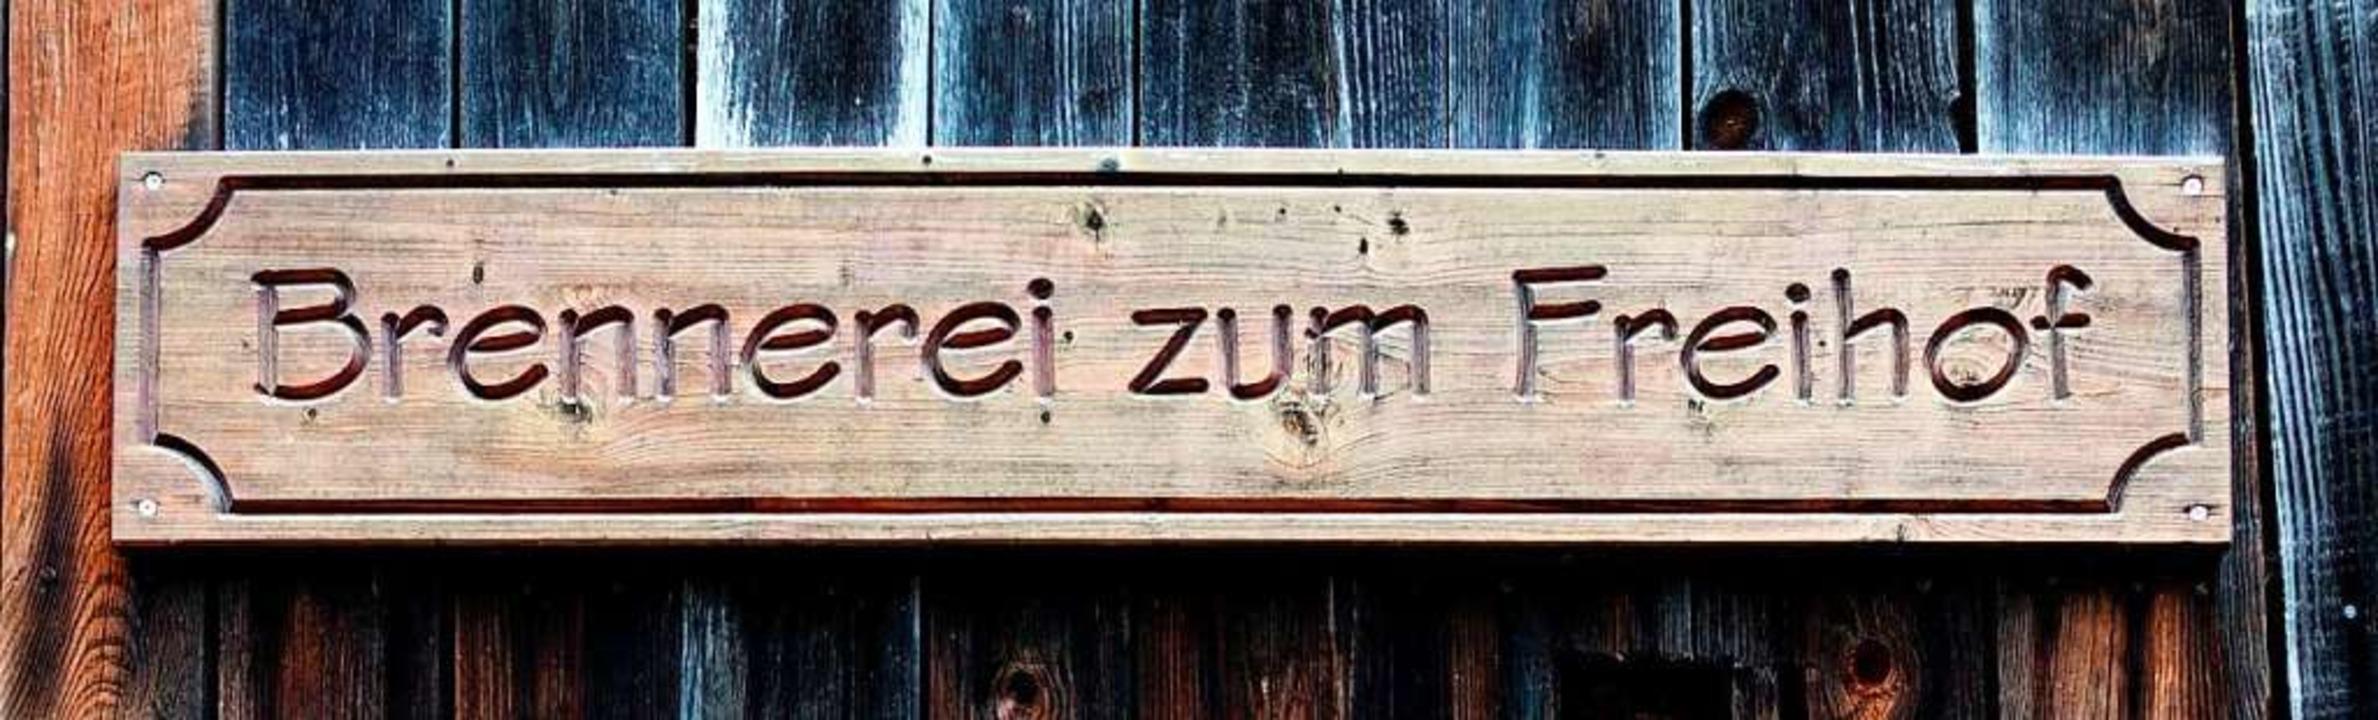 Eine neue Attraktion in Freiamts Museu...aft wird am heutigen Freitag eröffnet.  | Foto: Jürgen Schneider